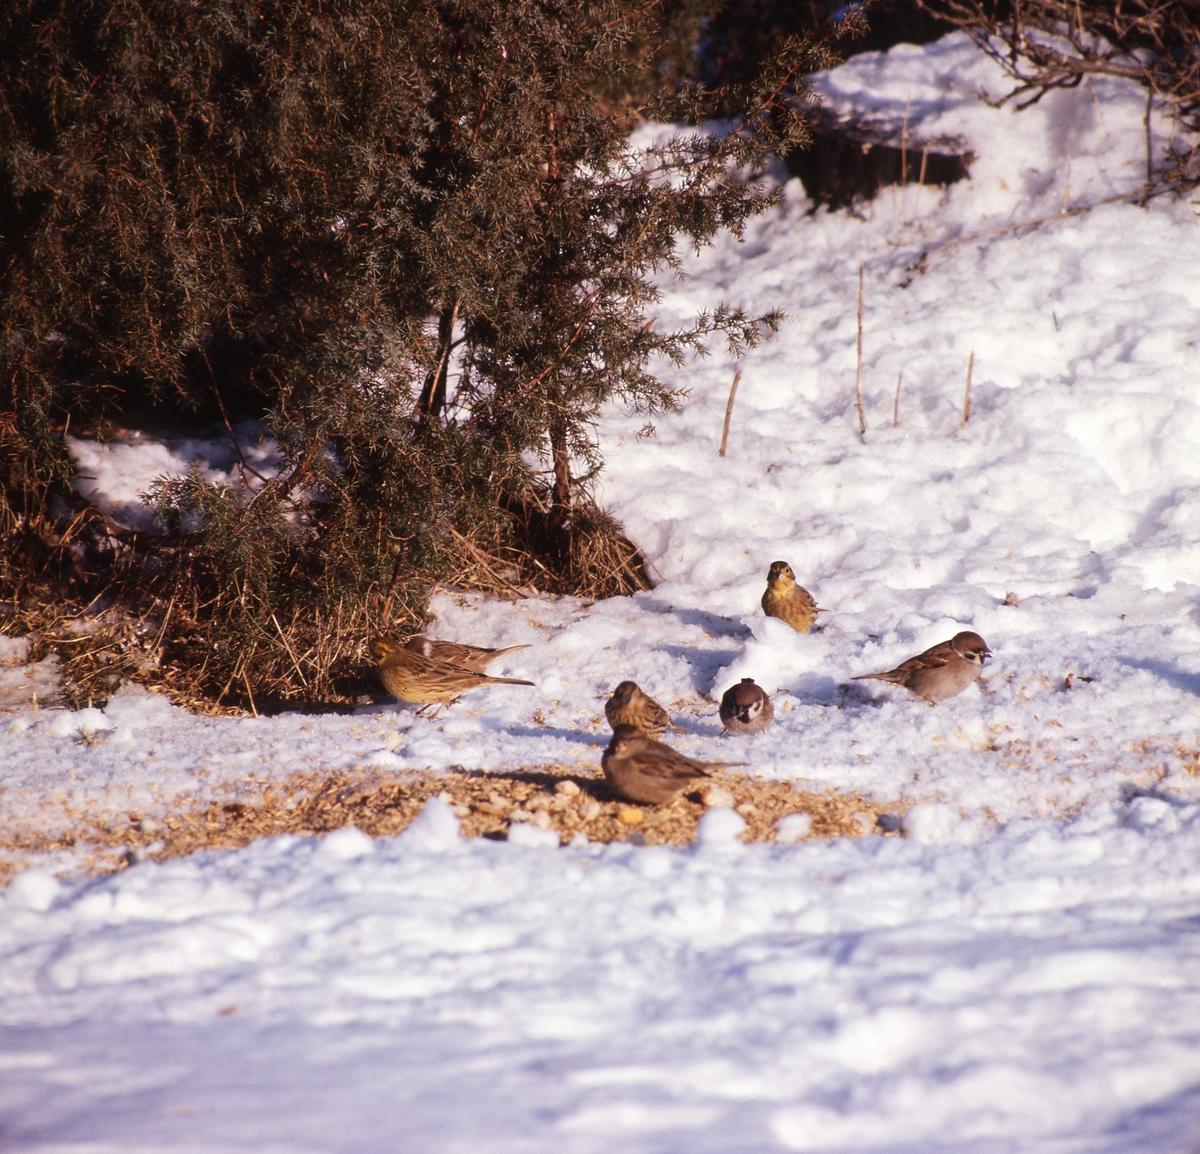 En grupp småfåglar sitter i snön och äter frön i skydd av enbuskar.